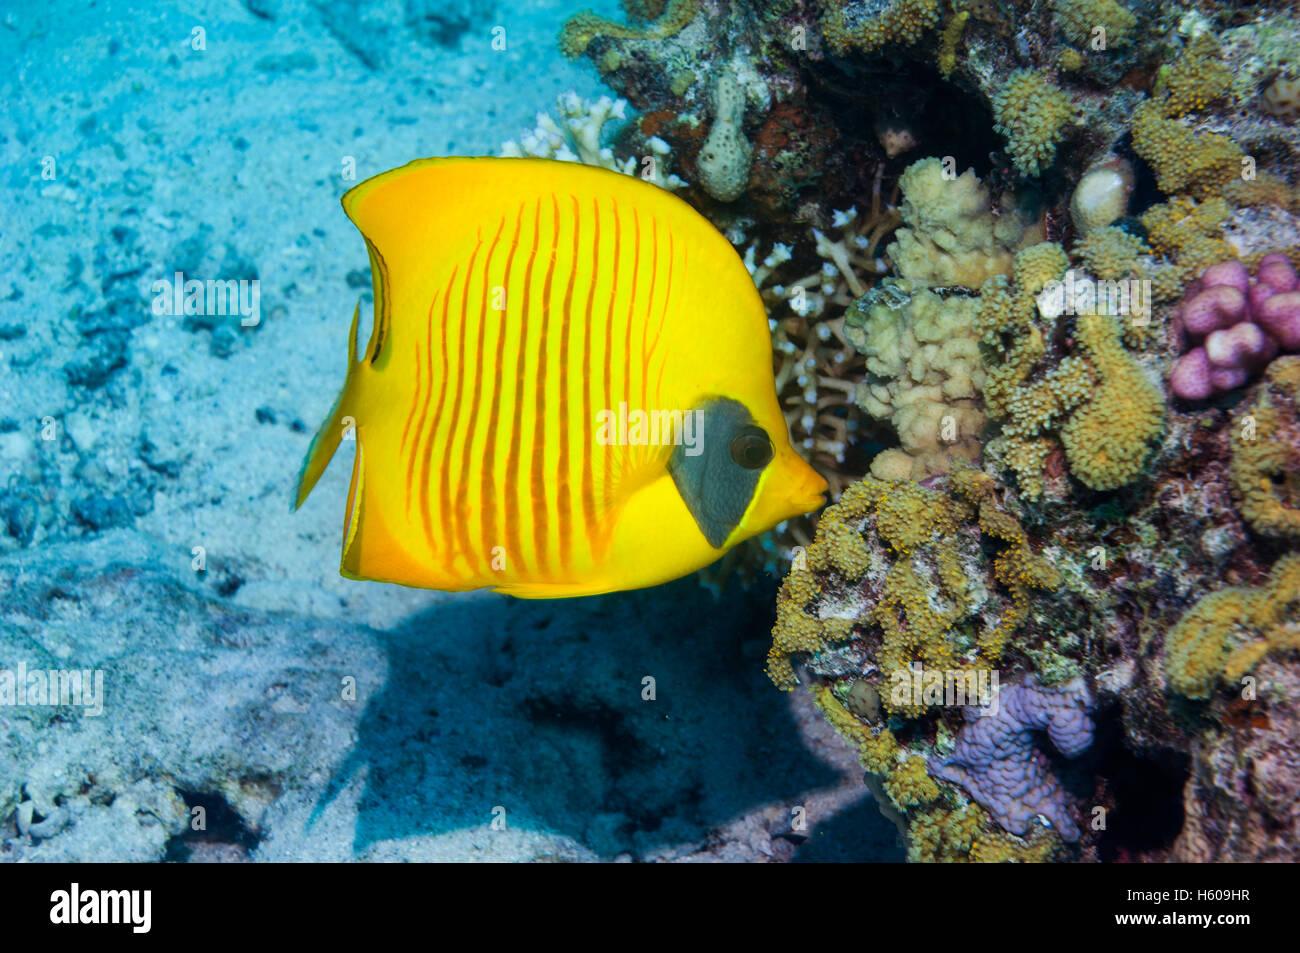 Papillons Chaetodon semilarvatus [d'or] le récif de corail. L'Egypte, Mer Rouge. Photo Stock